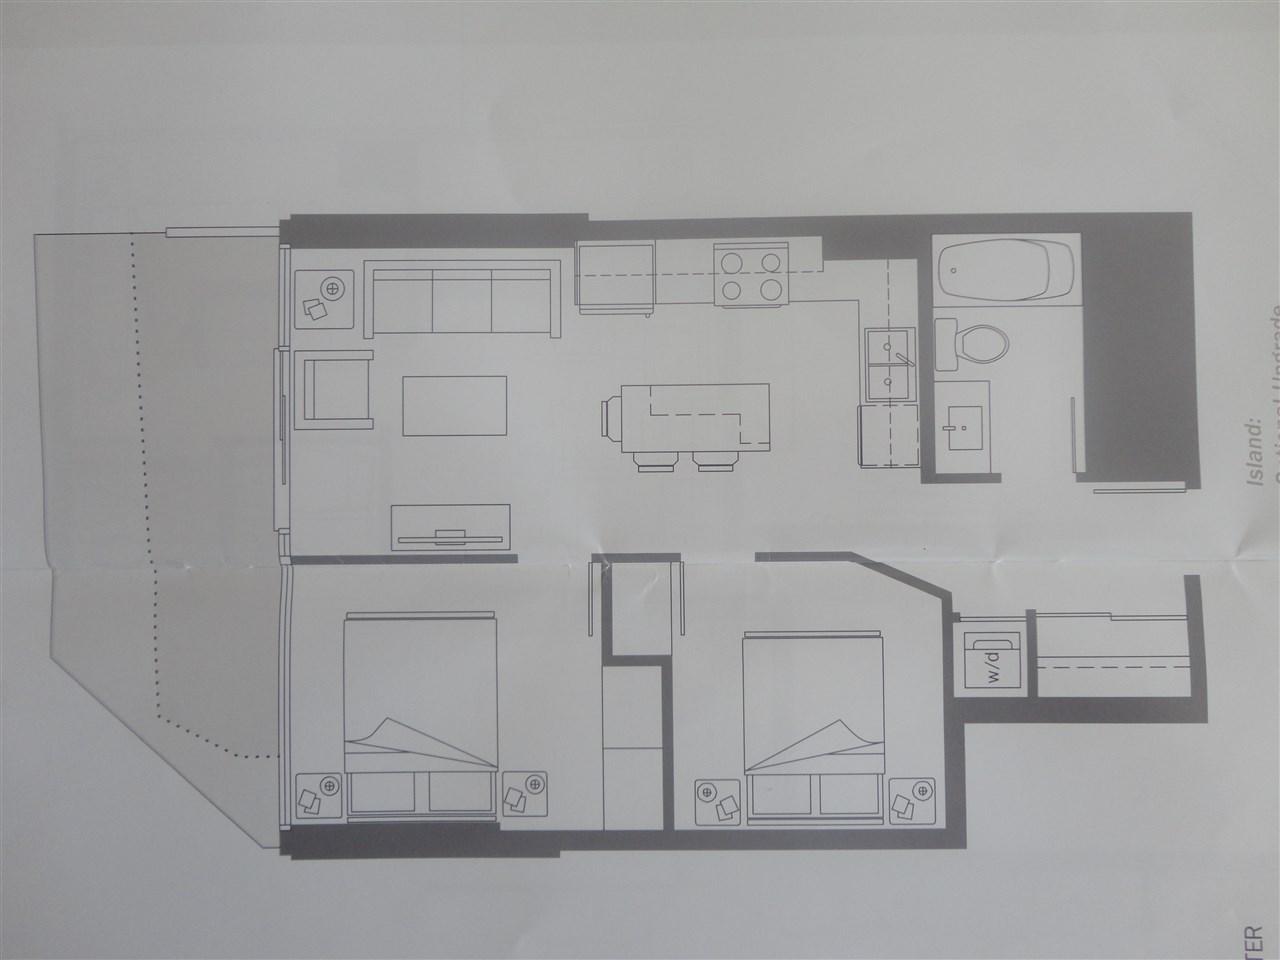 Condo Apartment at 1503 11941 80 AVENUE, Unit 1503, N. Delta, British Columbia. Image 8